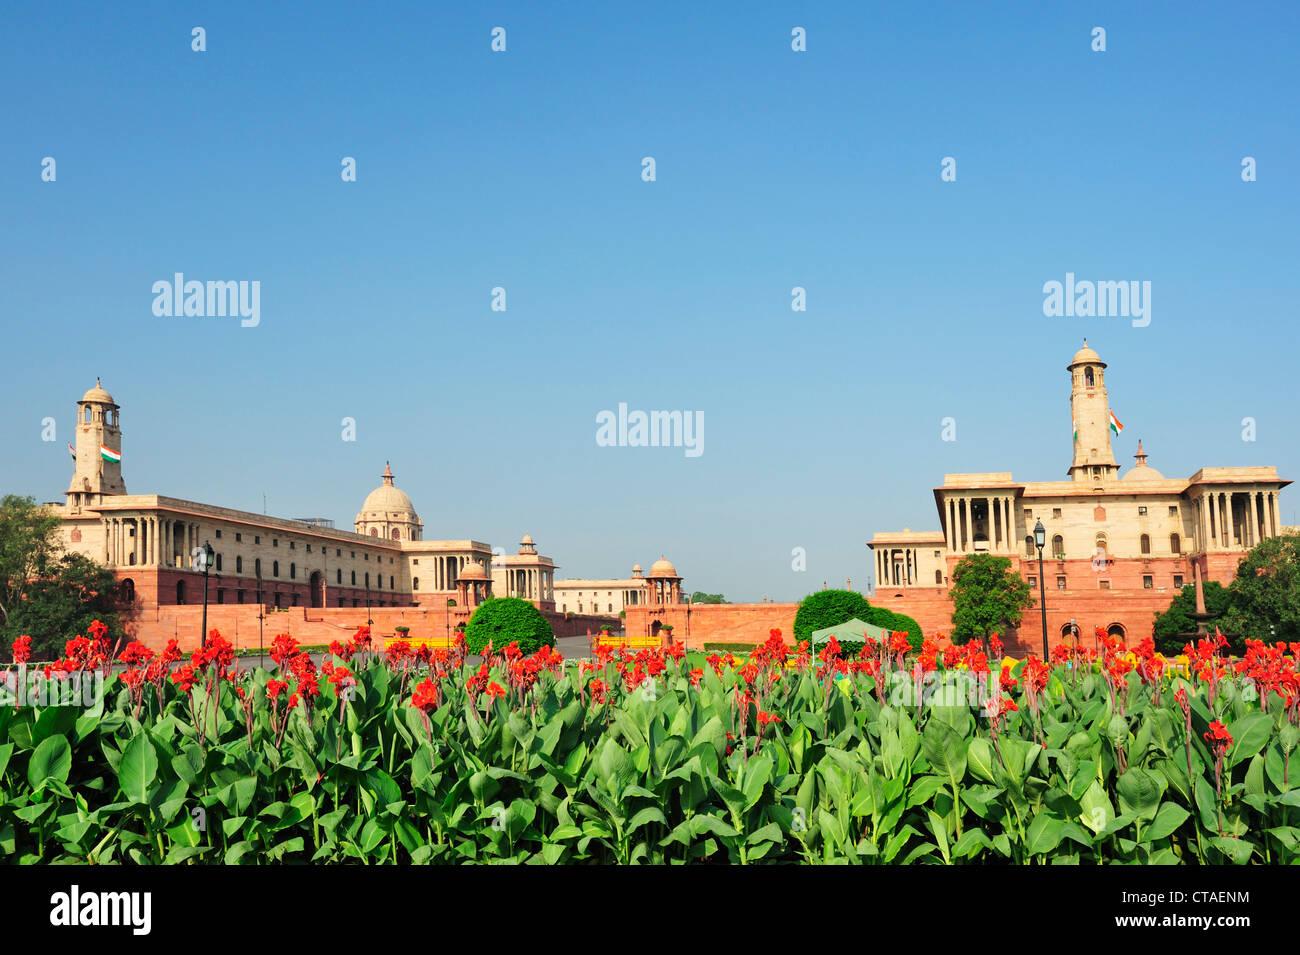 District of Parliament, New Delhi, Delhi, India - Stock Image